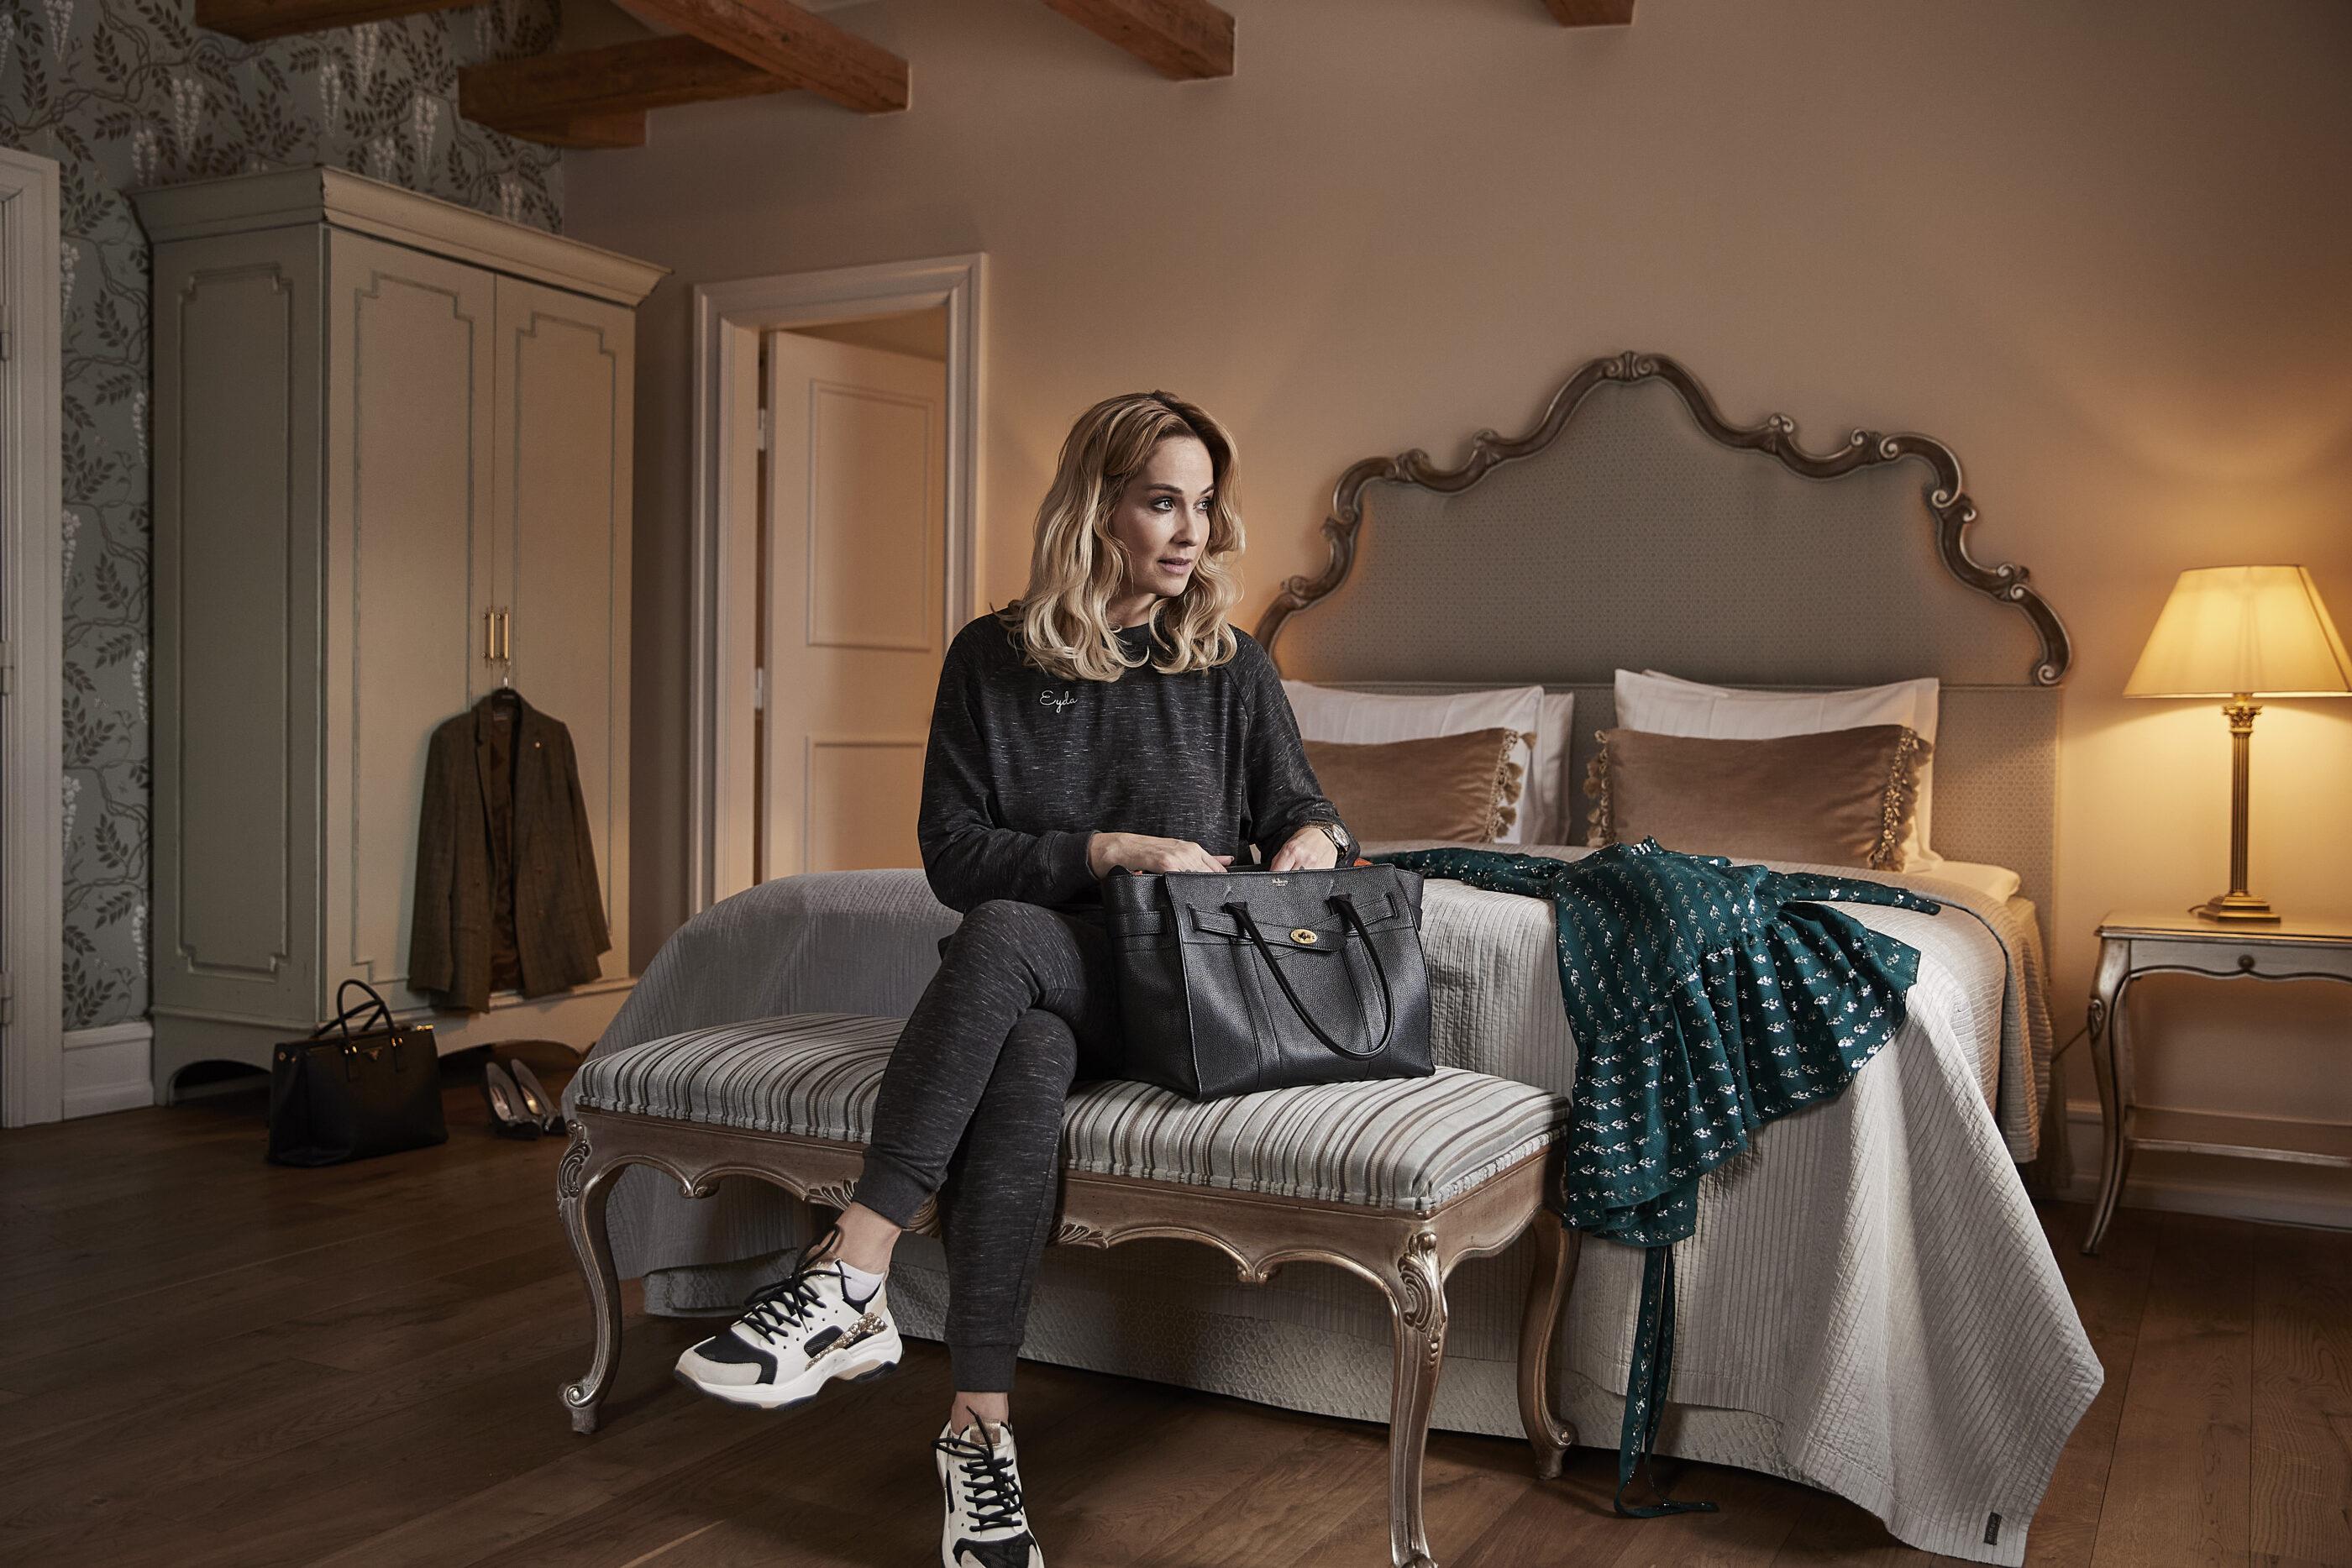 En kvinde sidder ved sengen på værelset